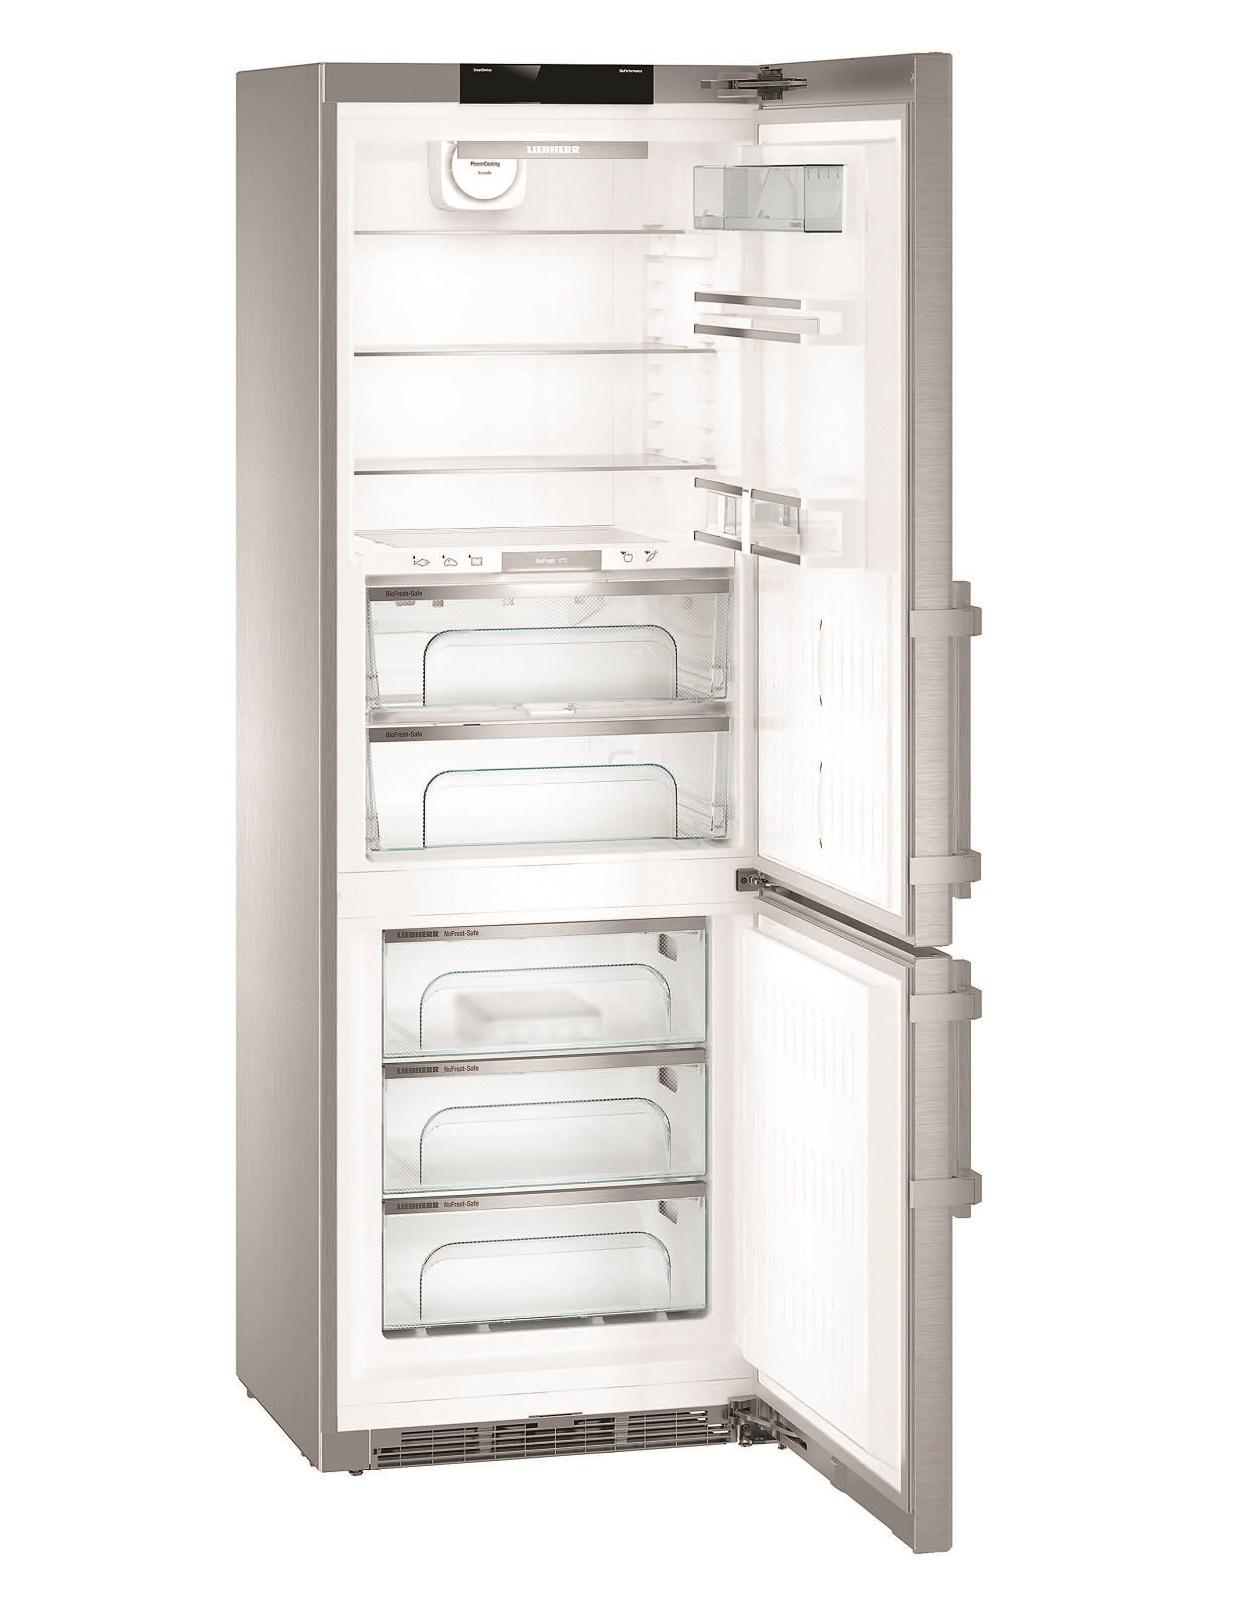 купить Двухкамерный холодильник Liebherr CBNes 5778 Украина фото 2